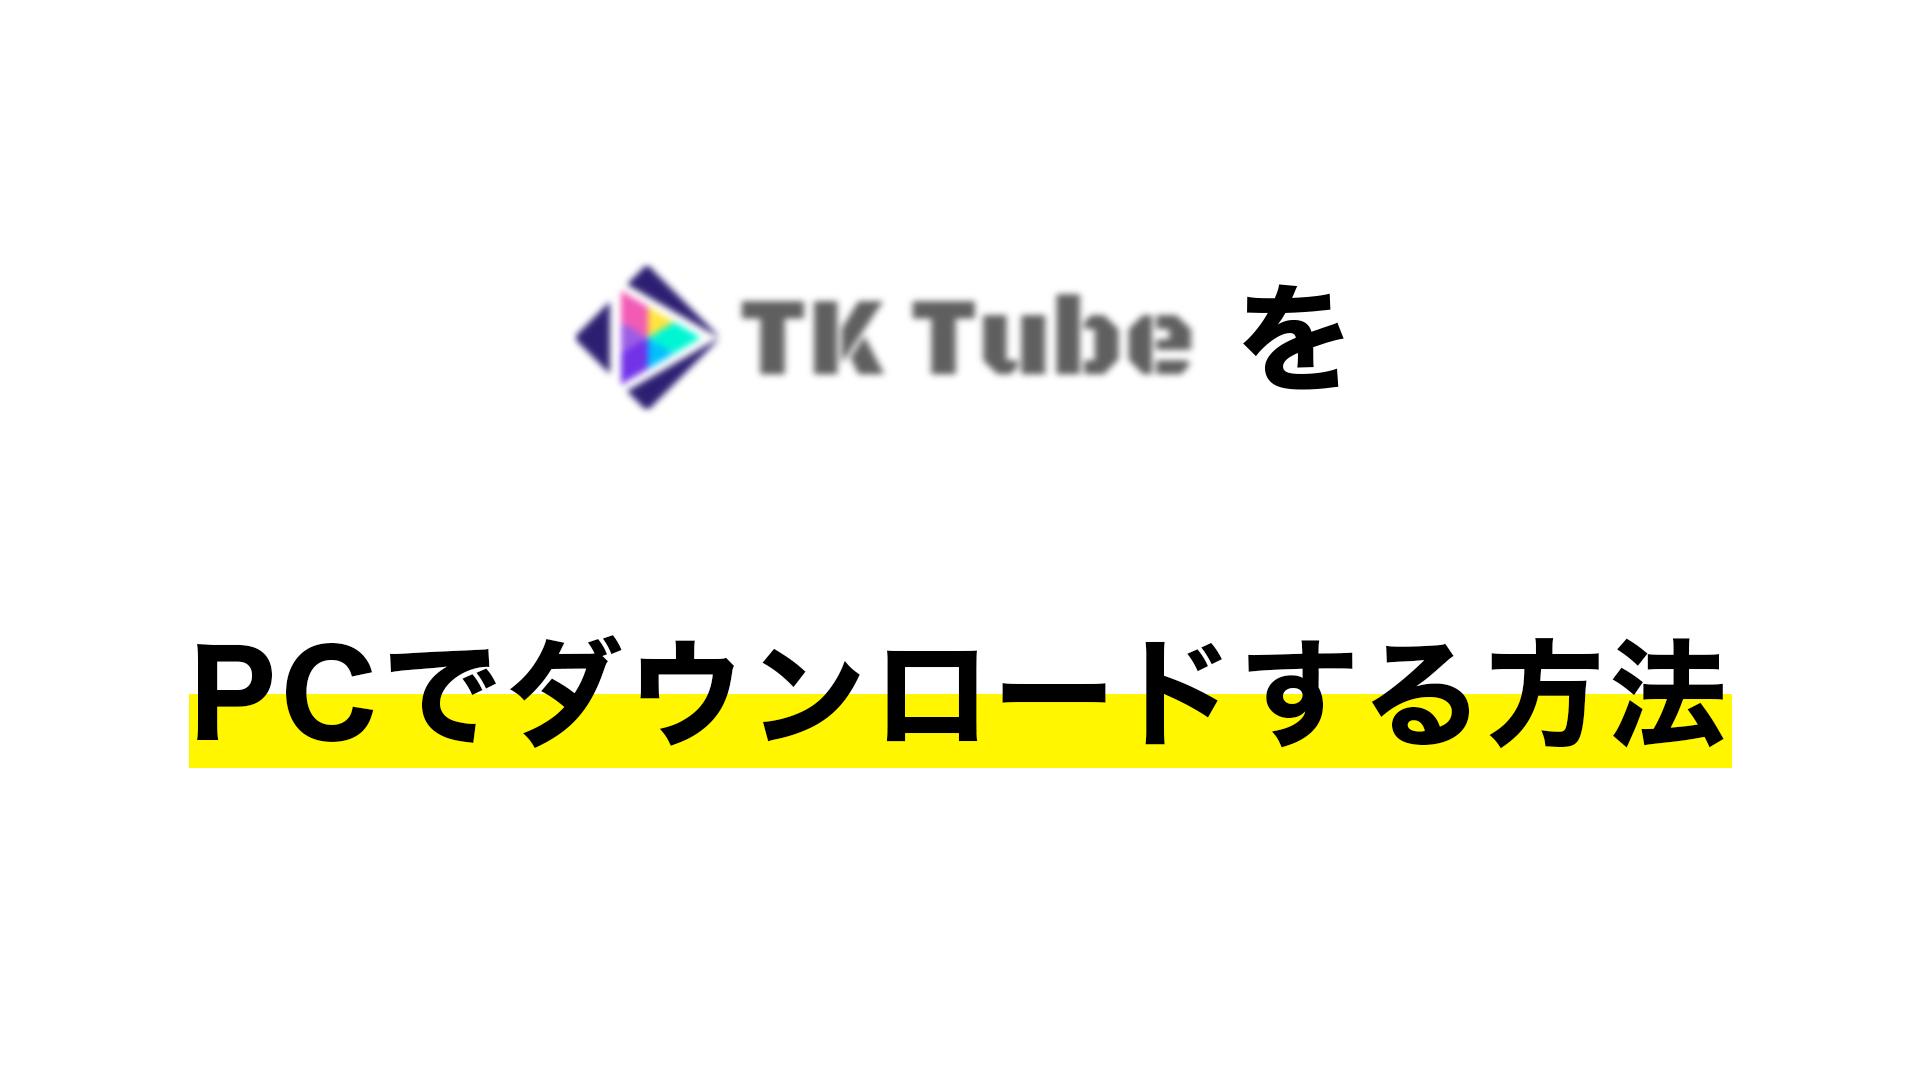 ae46b1f460ee46f789c27b264a6cb421 1 - 【2021年】TKTubeをPCでダウンロードする方法